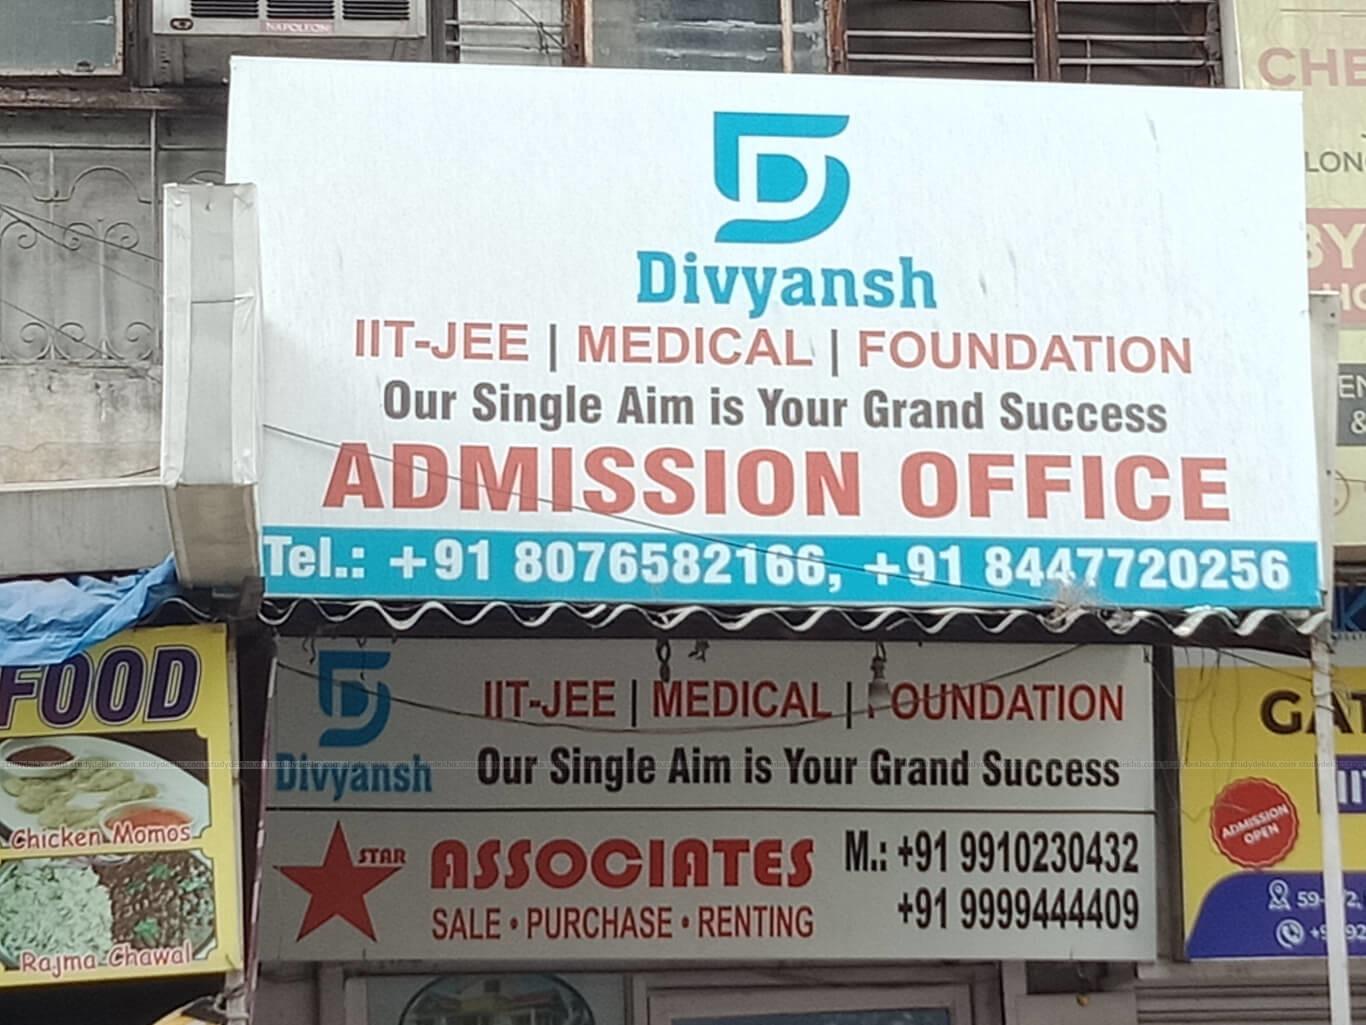 DIVYANSH Logo